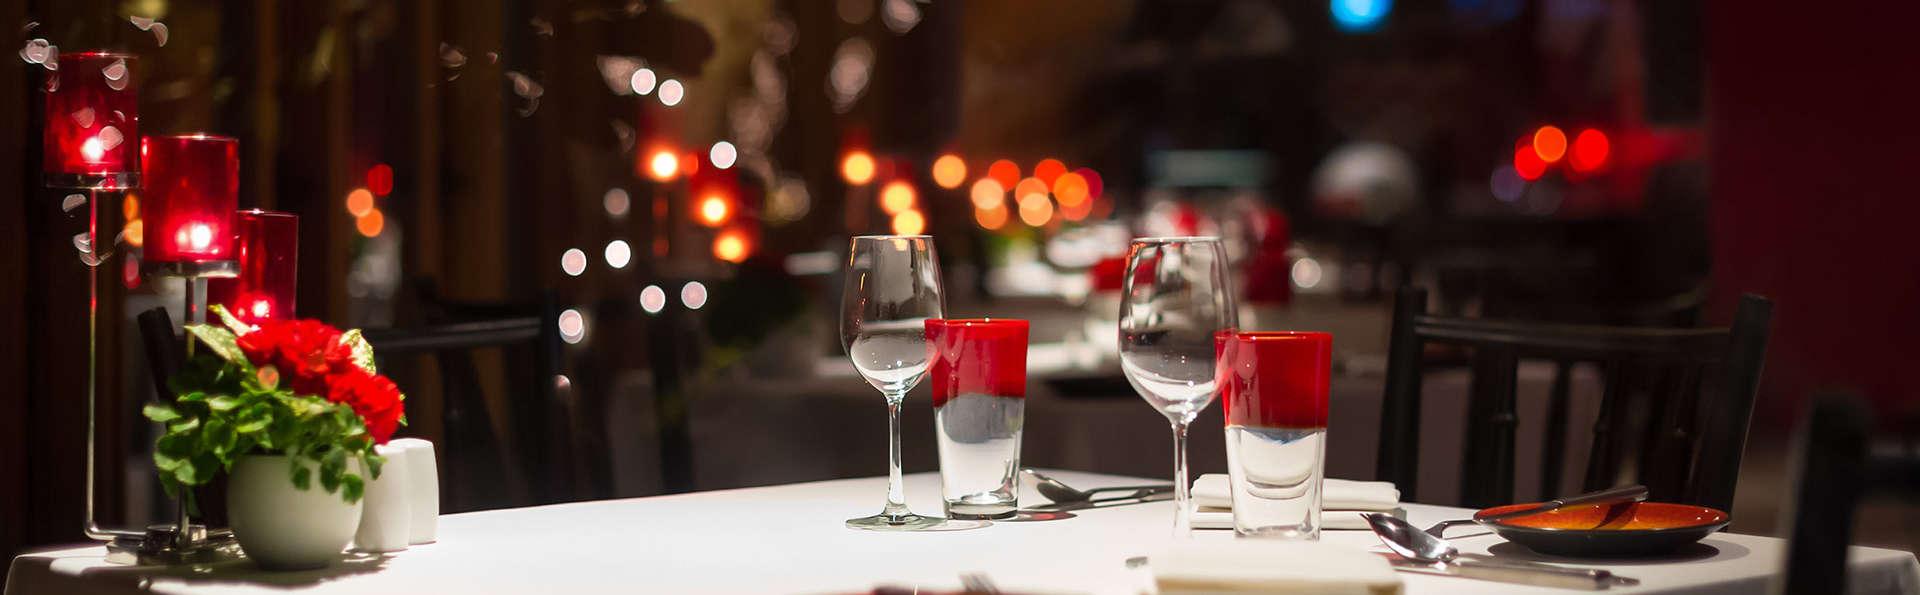 SL Hotel Santa Luzia - Elvas - Edit_romantic18.jpg